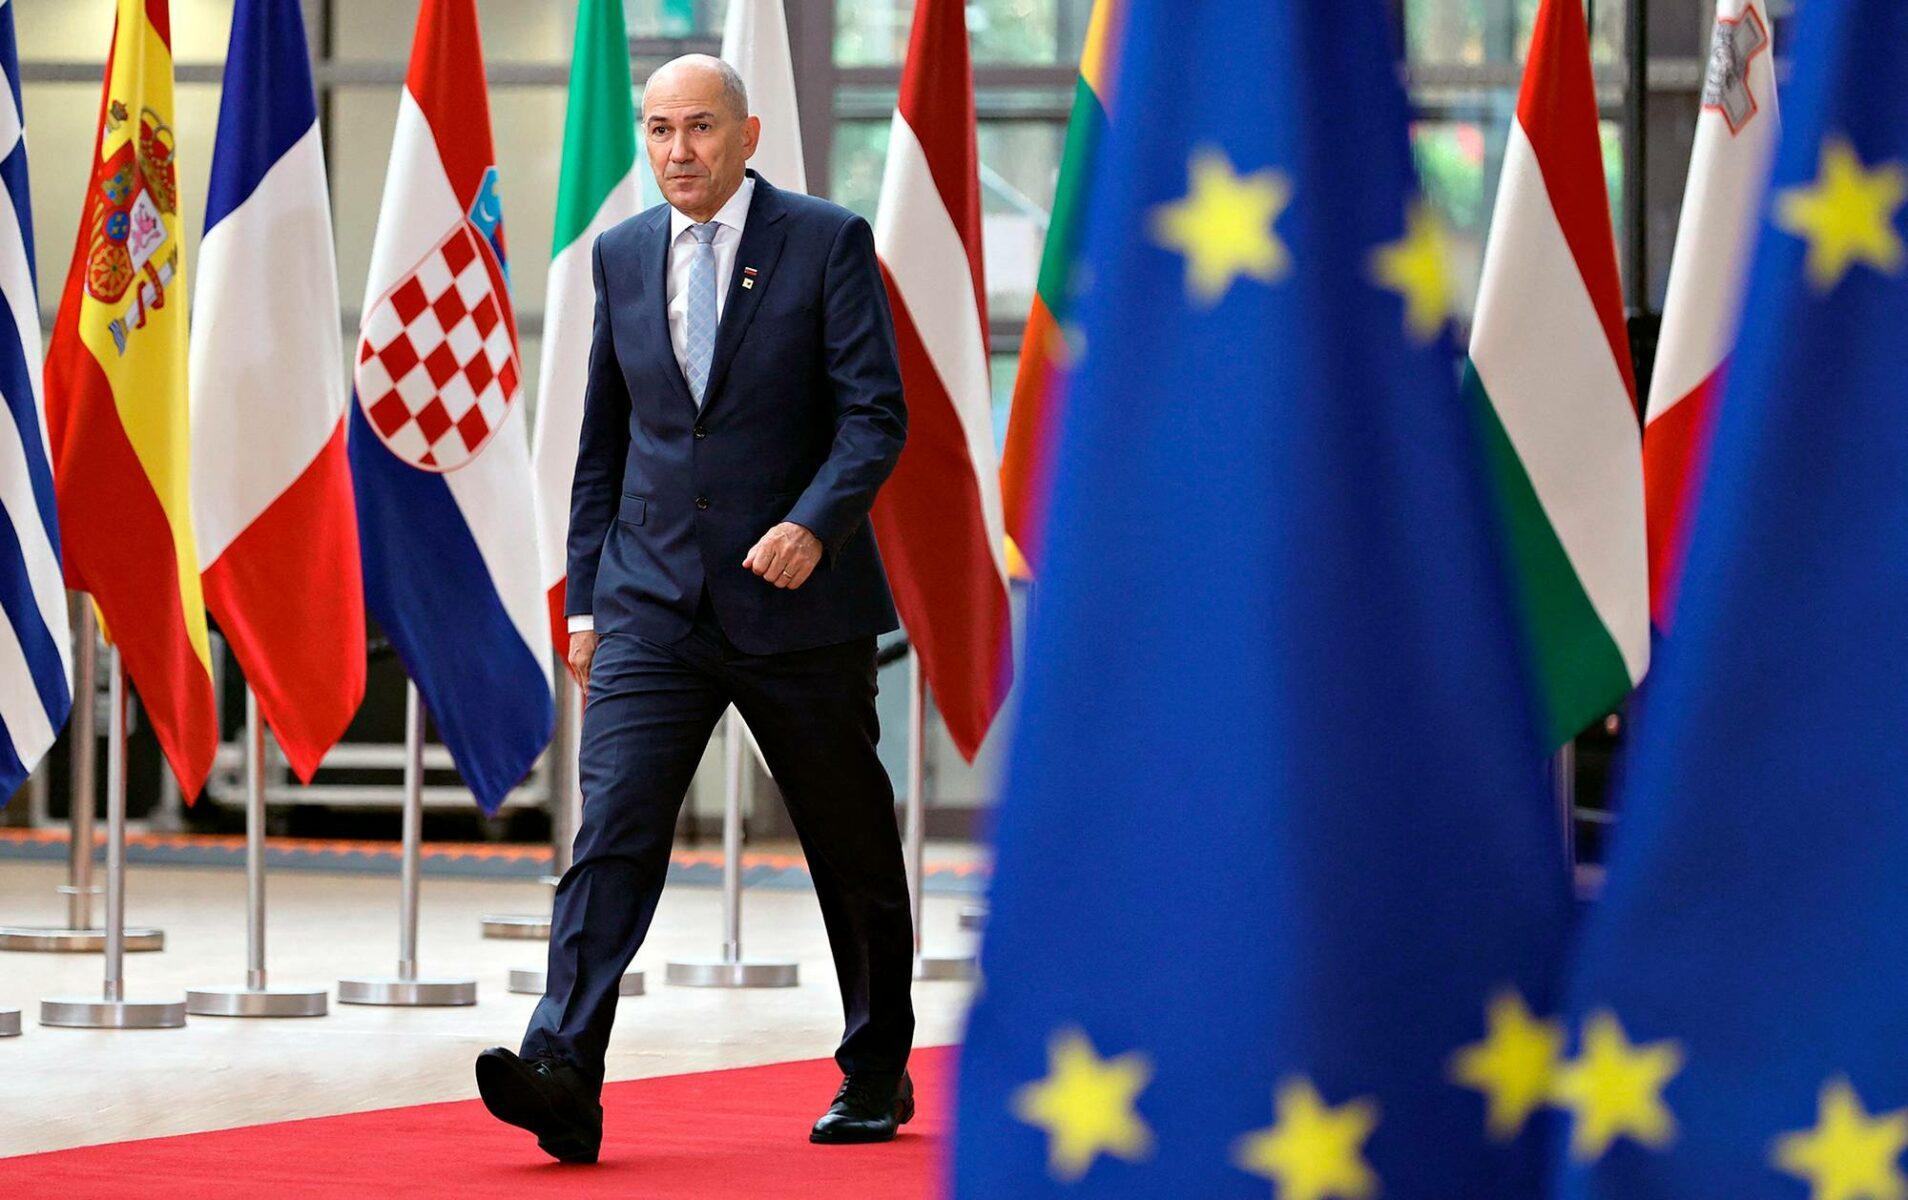 Pääministeri Janez Janša saapui EU-kokoukseen Brysselissä 25. toukokuuta 2021.